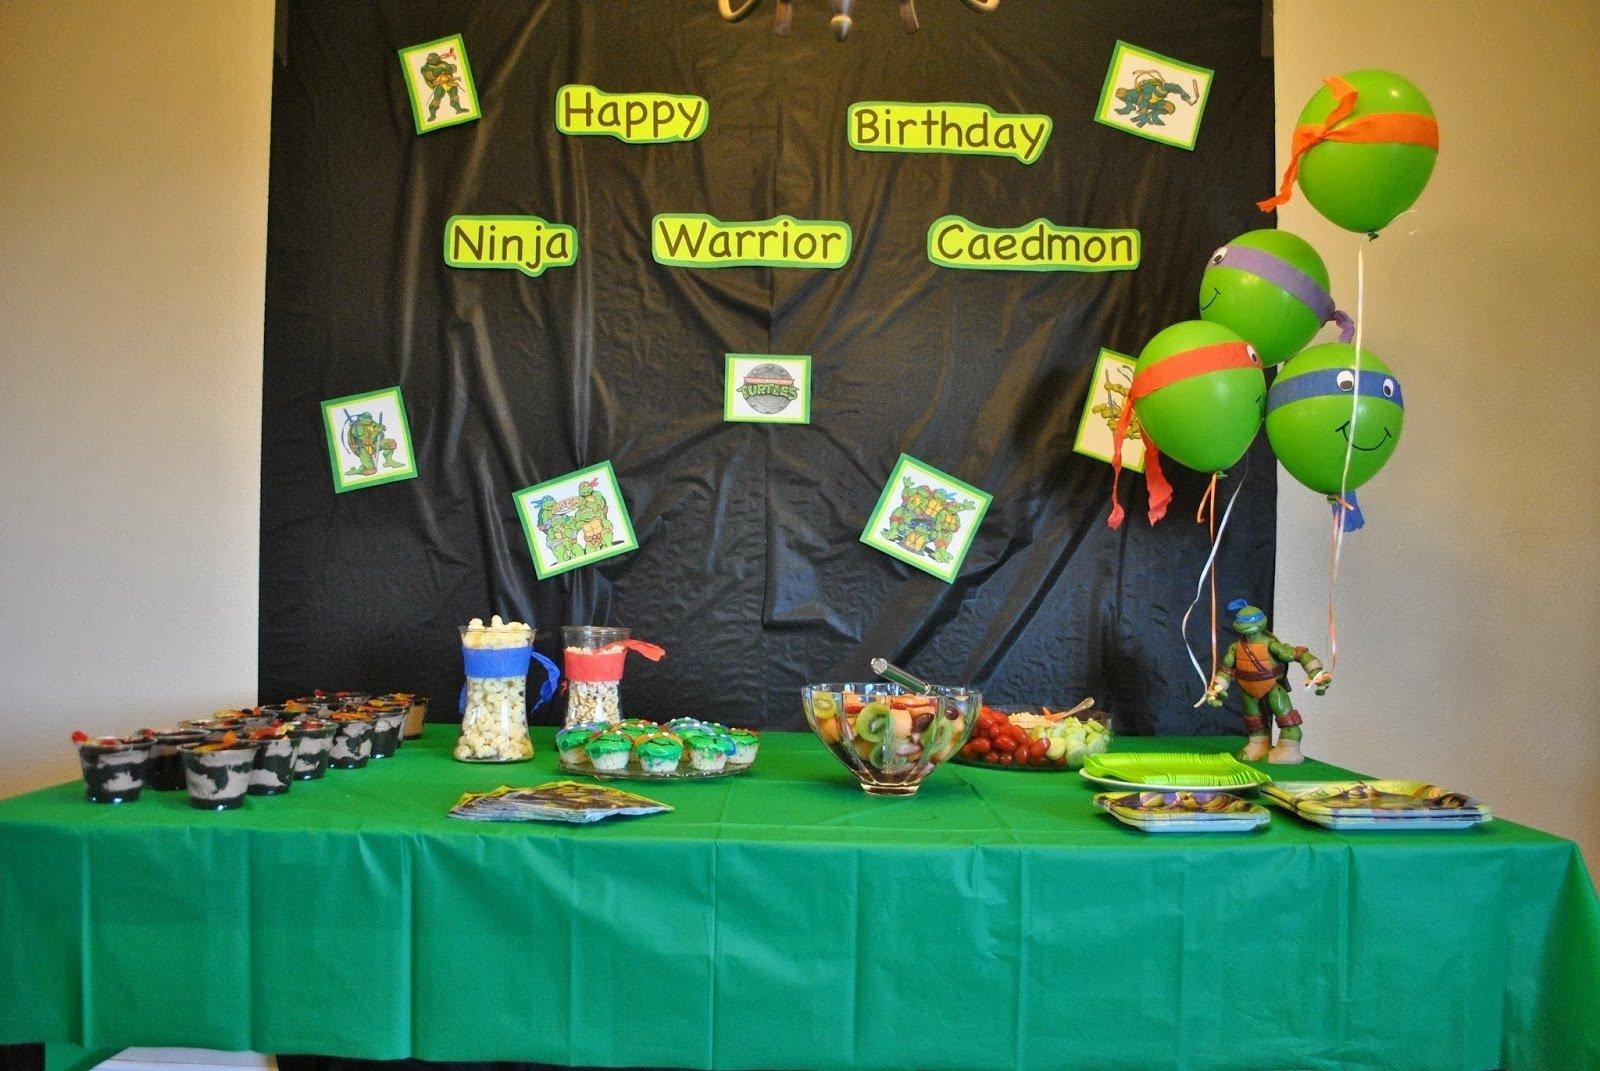 10 Best Ninja Turtle Party Decoration Ideas marriage motherhood and ministry a teenage mutant ninja turtle 1 2020